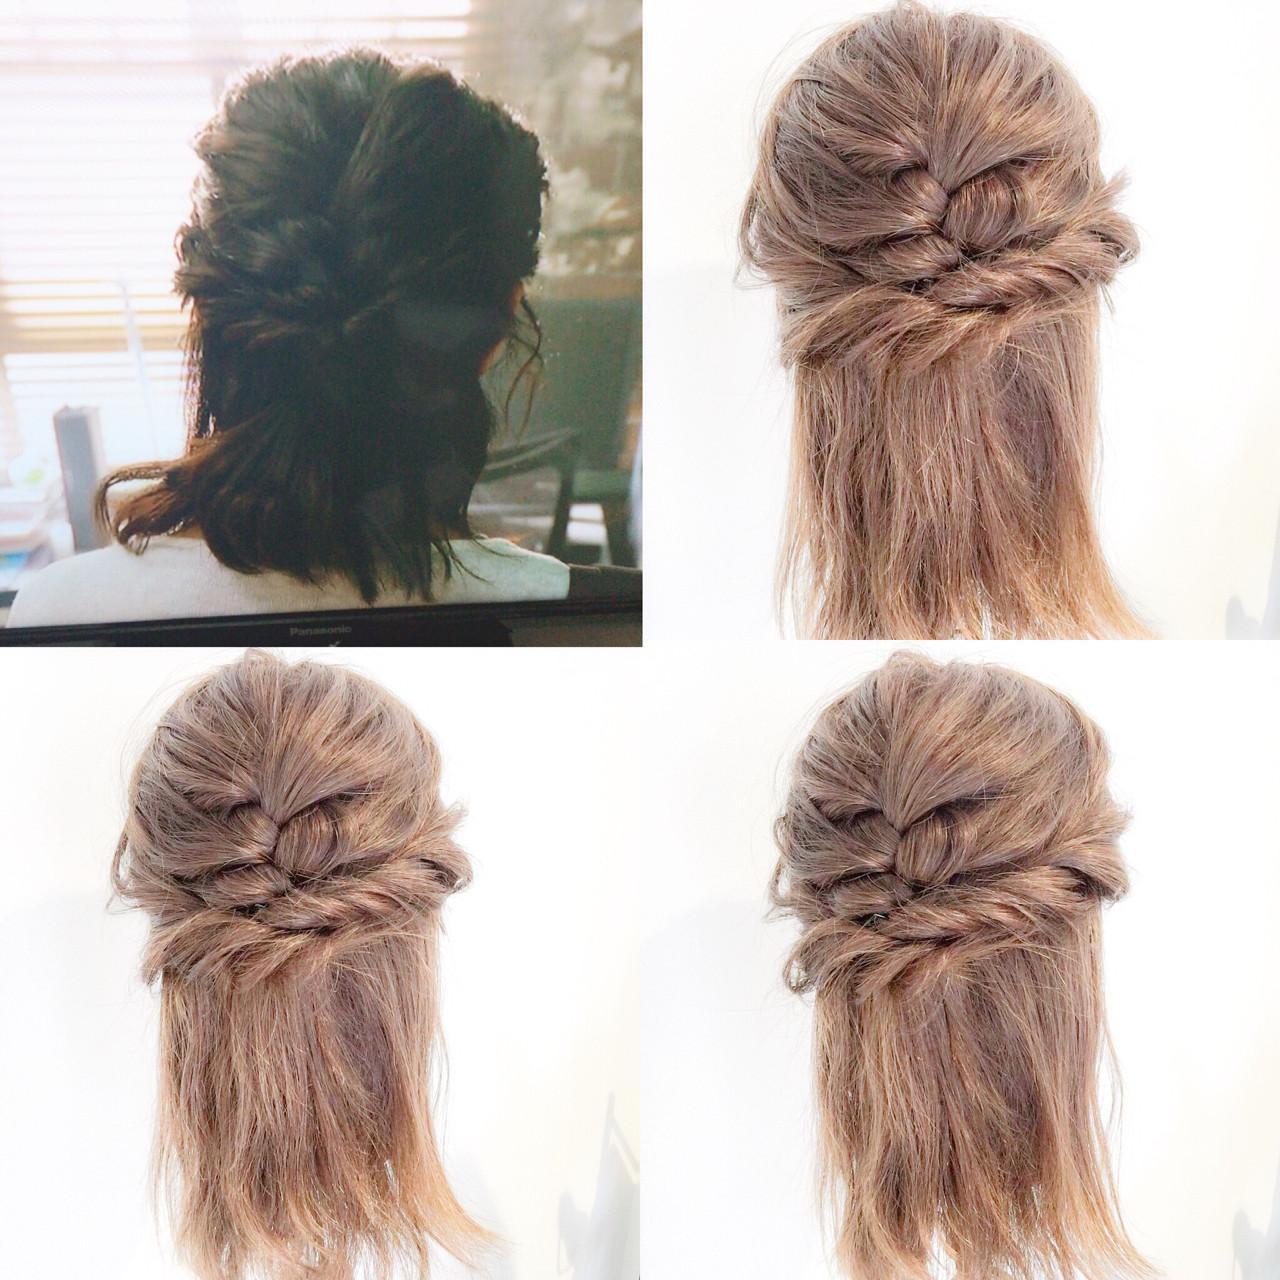 ハーフアップ 女子会 ナチュラル デート ヘアスタイルや髪型の写真・画像 | 美容師HIRO/Amoute代表 / Amoute/アムティ